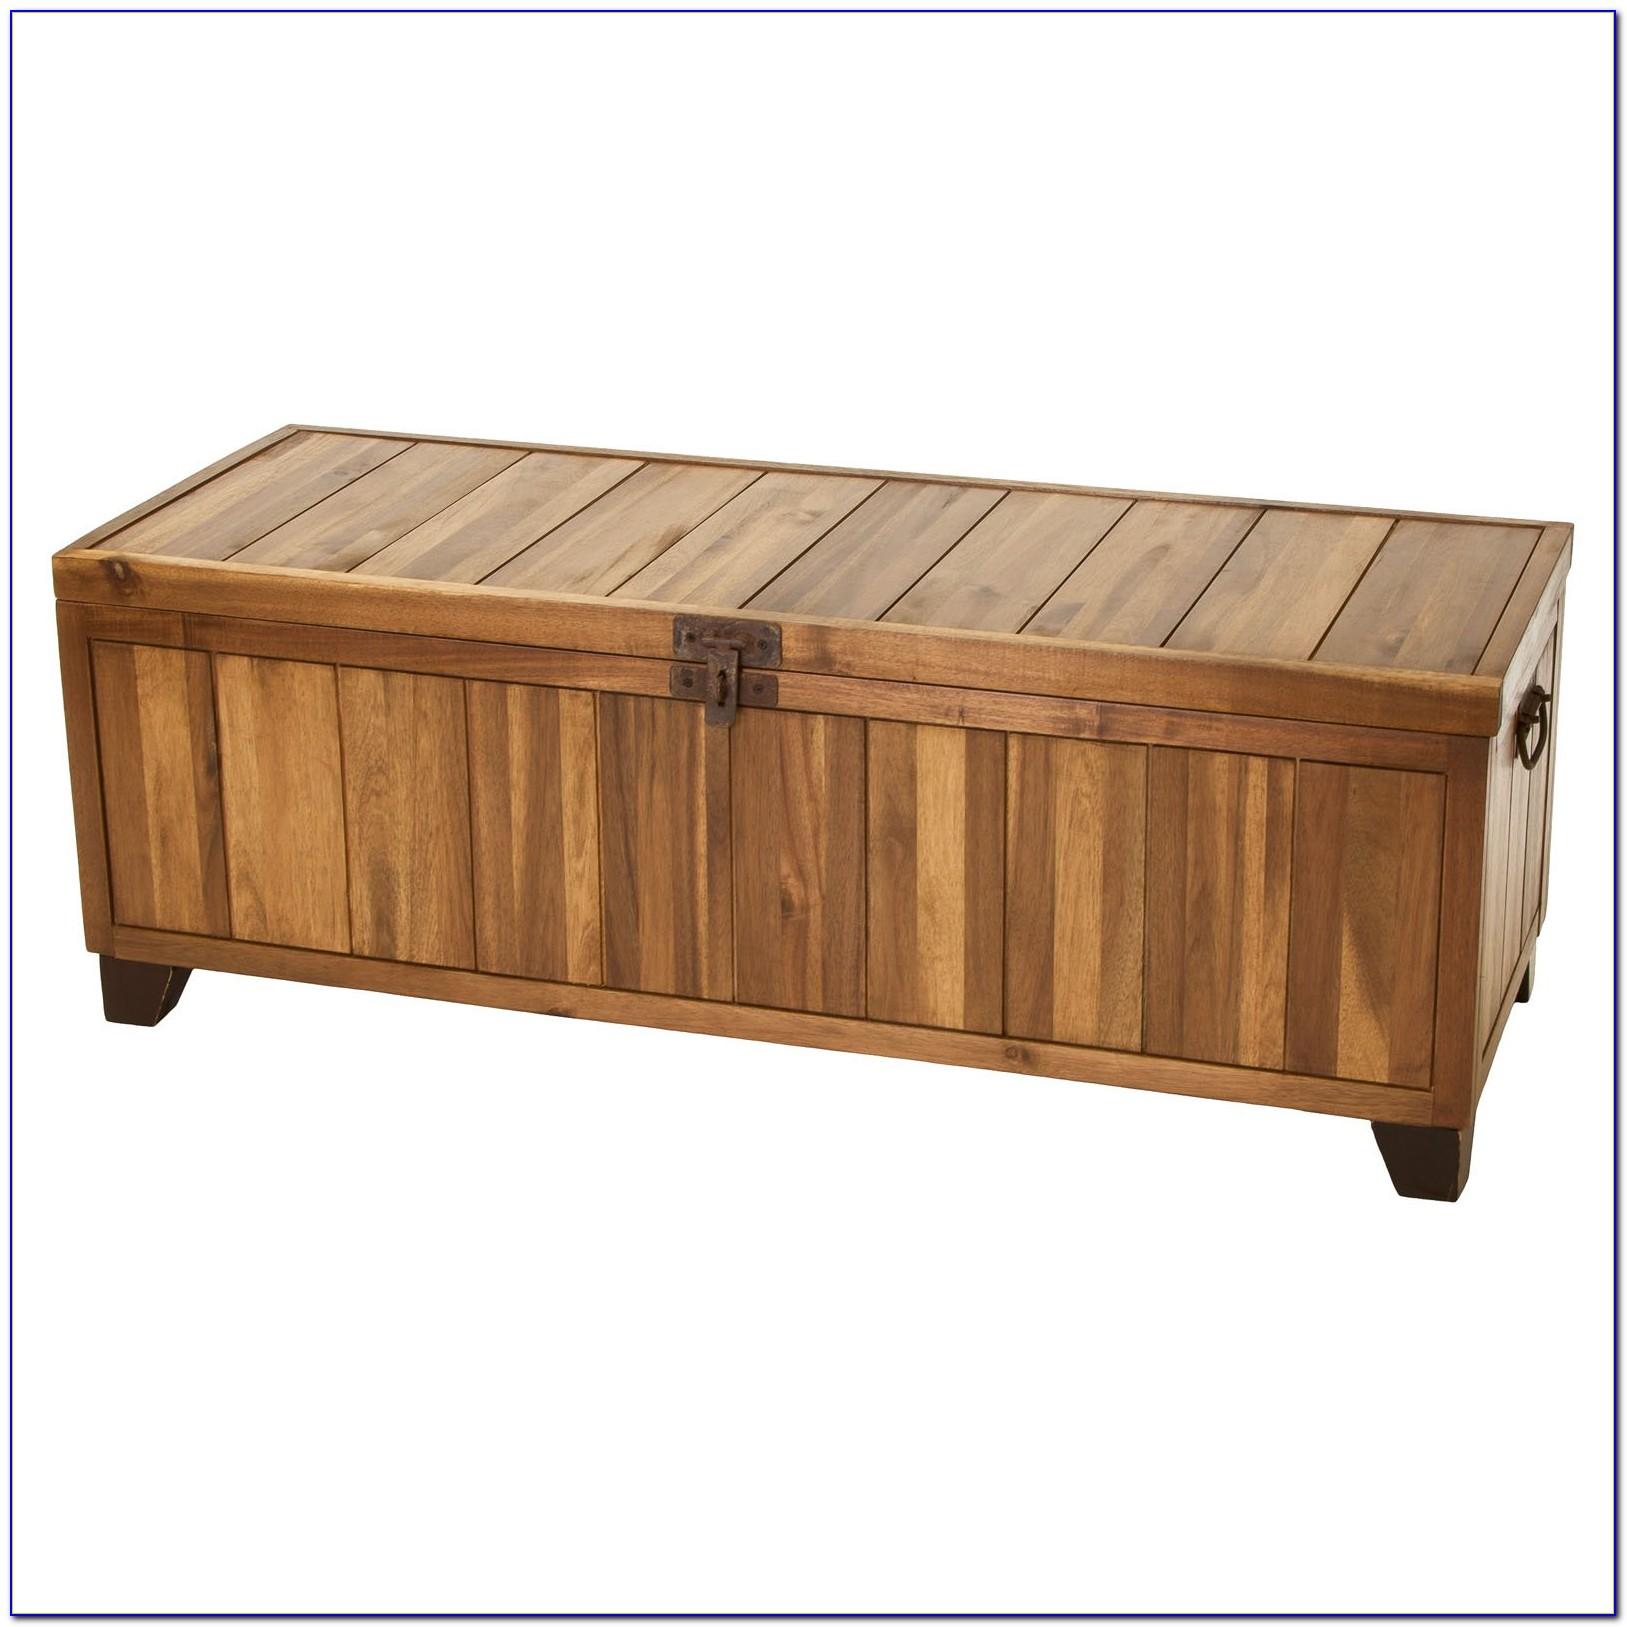 Wooden Storage Bench Seat Outdoor